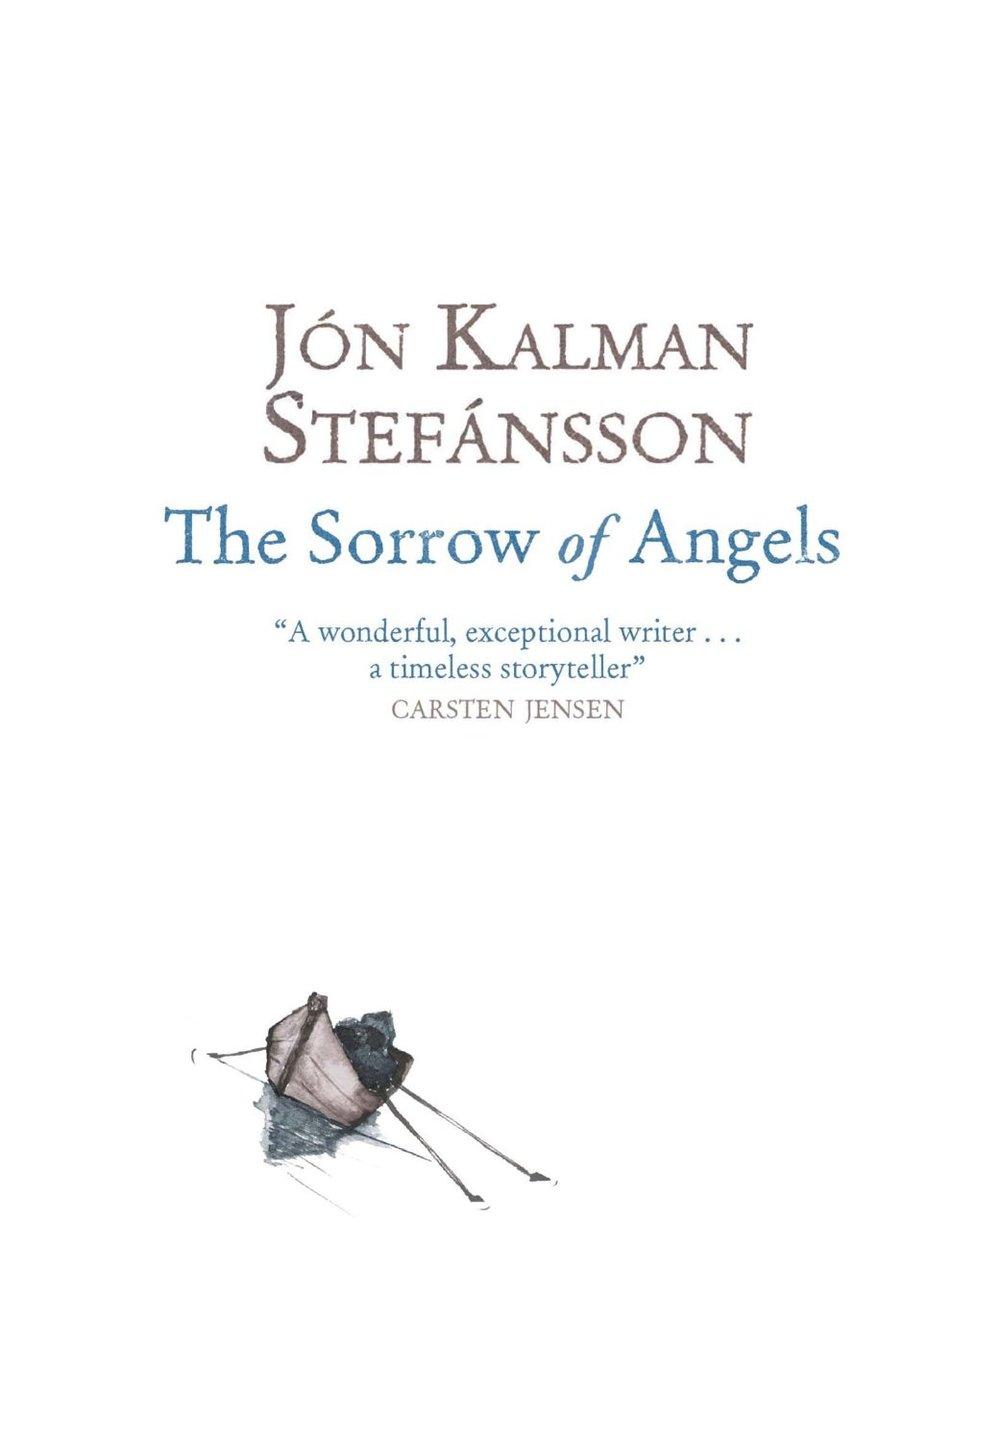 sorrow of angels.jpg